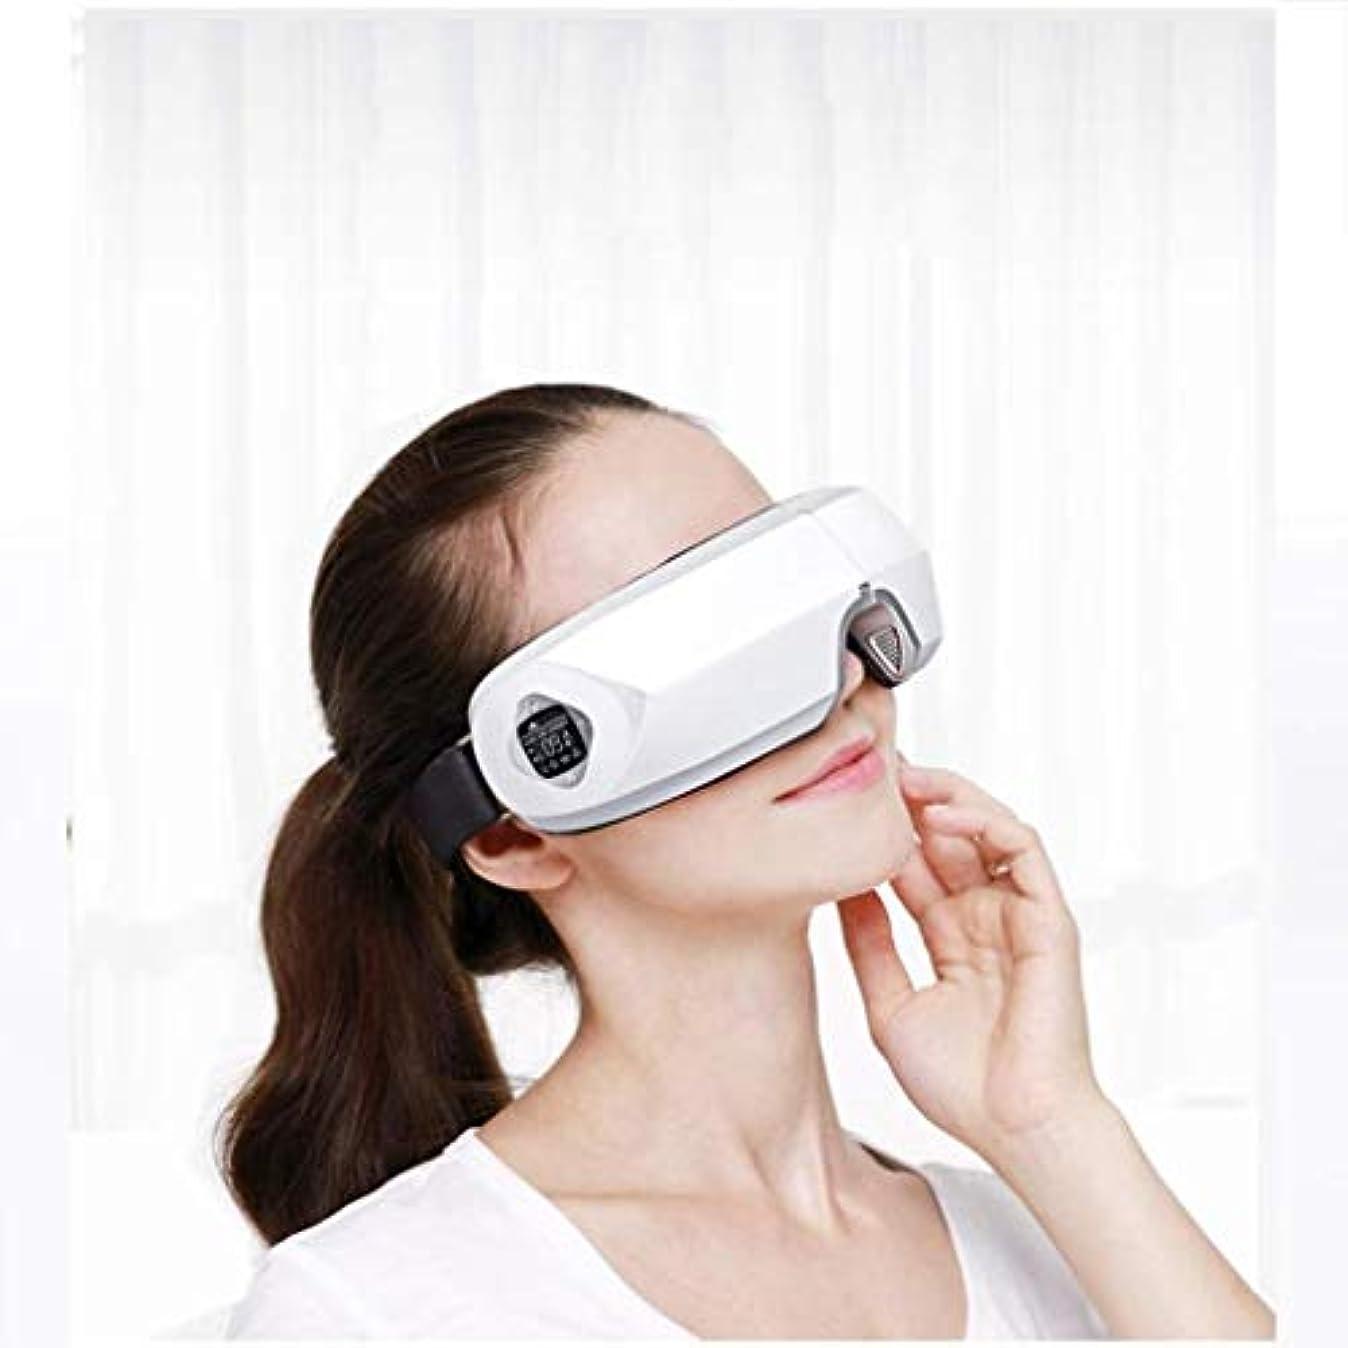 モック下に合金アイマッサージャー、折り畳み式ポータブルマイナスイオンアイマッサージアイプロテクター、視力を保護し、疲労を軽減する熱アイマスク